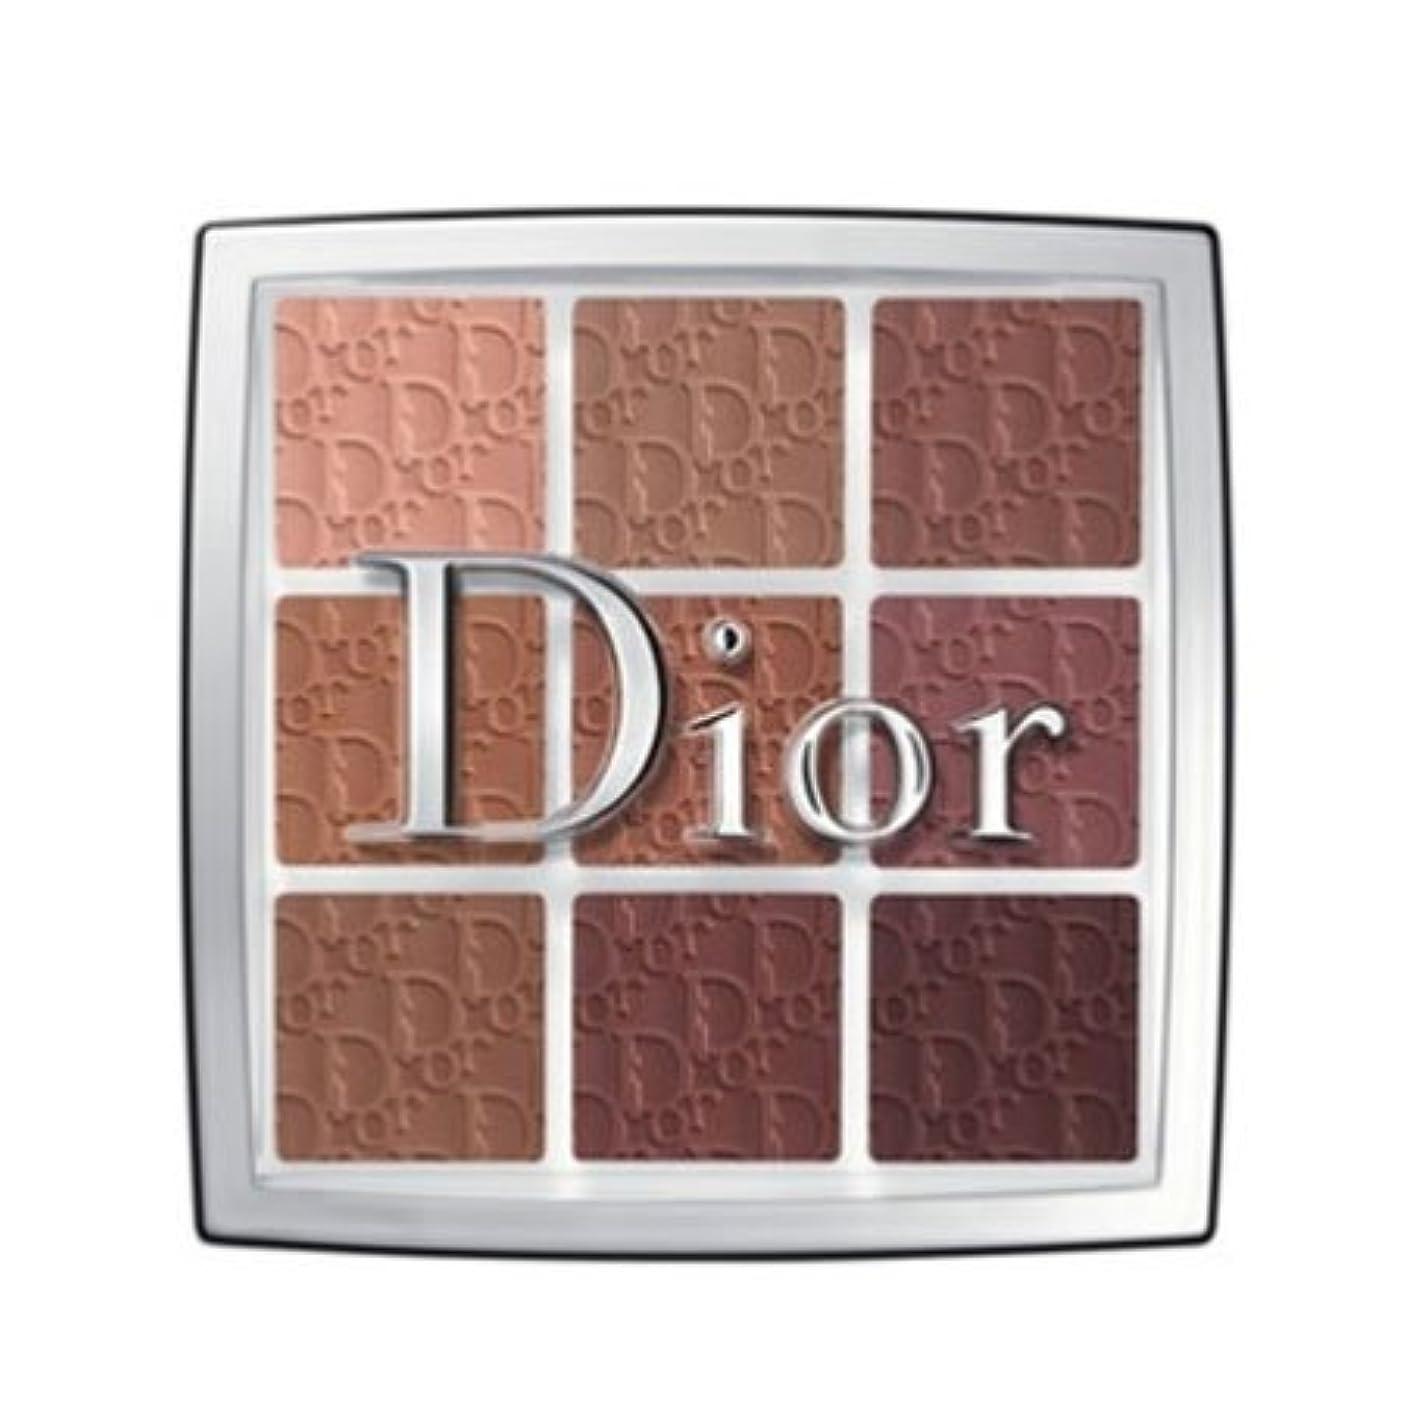 キノコレオナルドダホストディオール バックステージ リップ パレット -Dior-